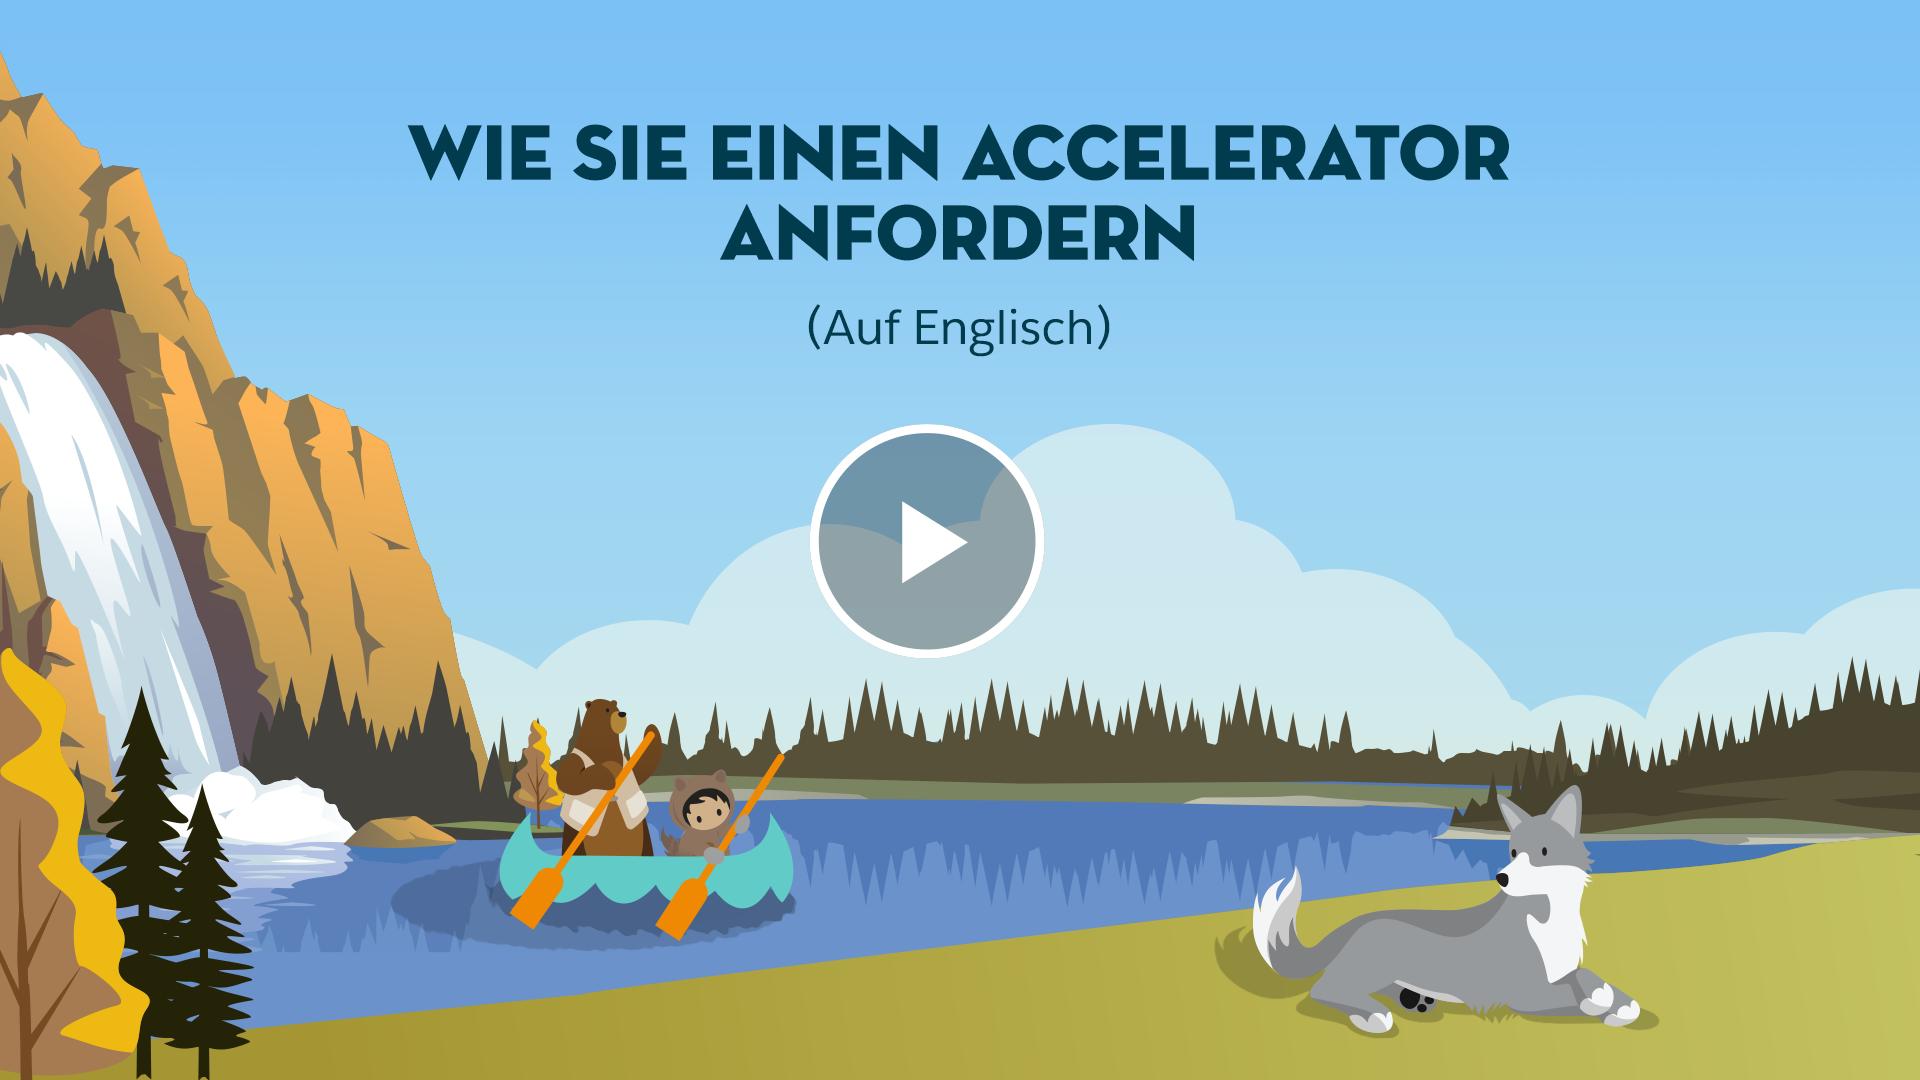 Wie Sie einen Accelerator anfordern (Auf Englisch)